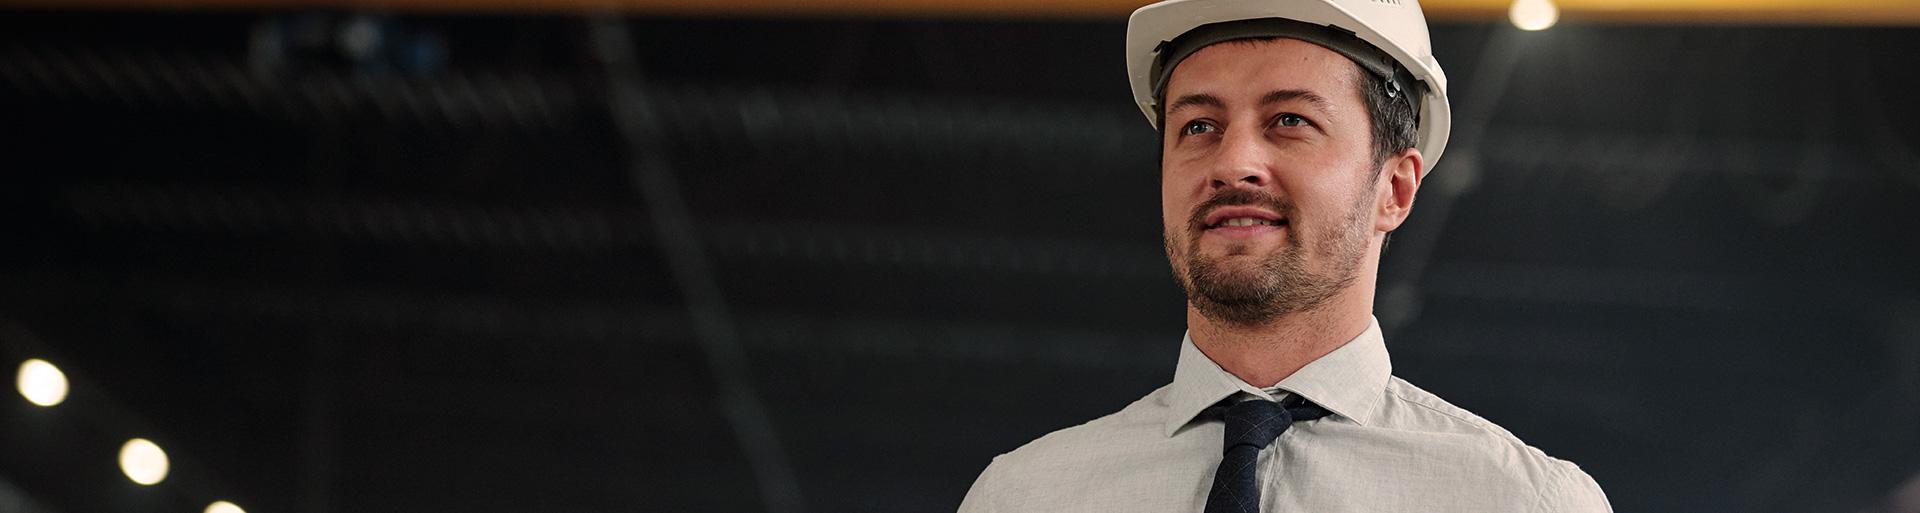 Homem branco com chapéu de construção branco na cabeça em uma obra.